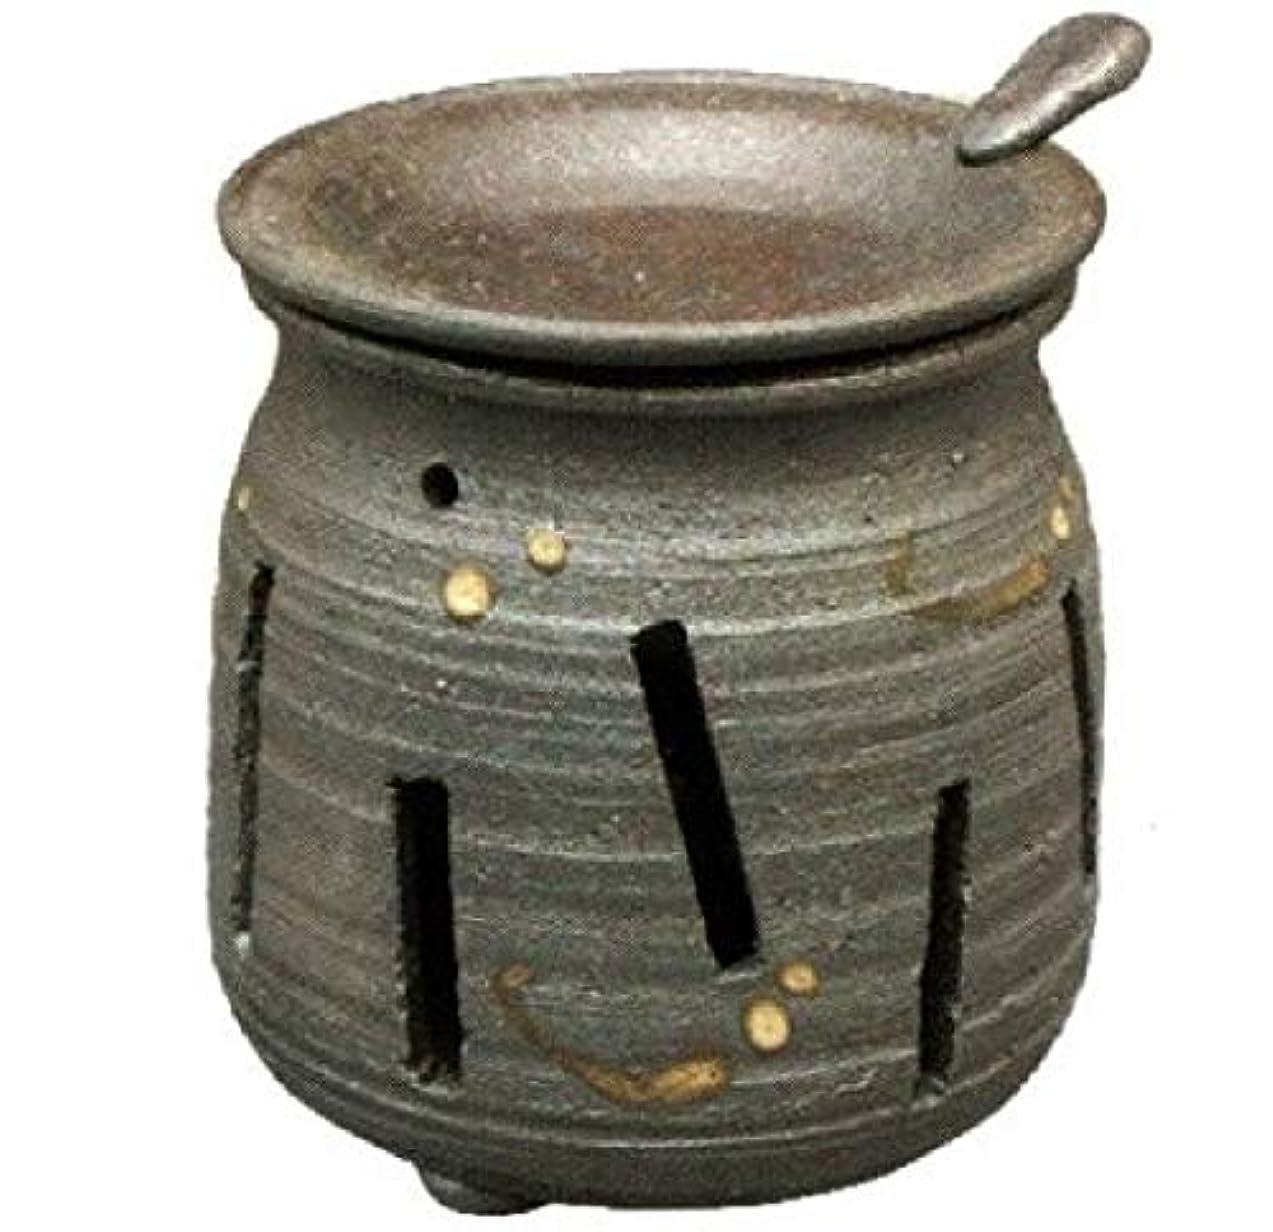 矛盾するクマノミ特定の常滑焼?焜清 カ39-07 茶香炉 焼締め 約φ9×9.7cm